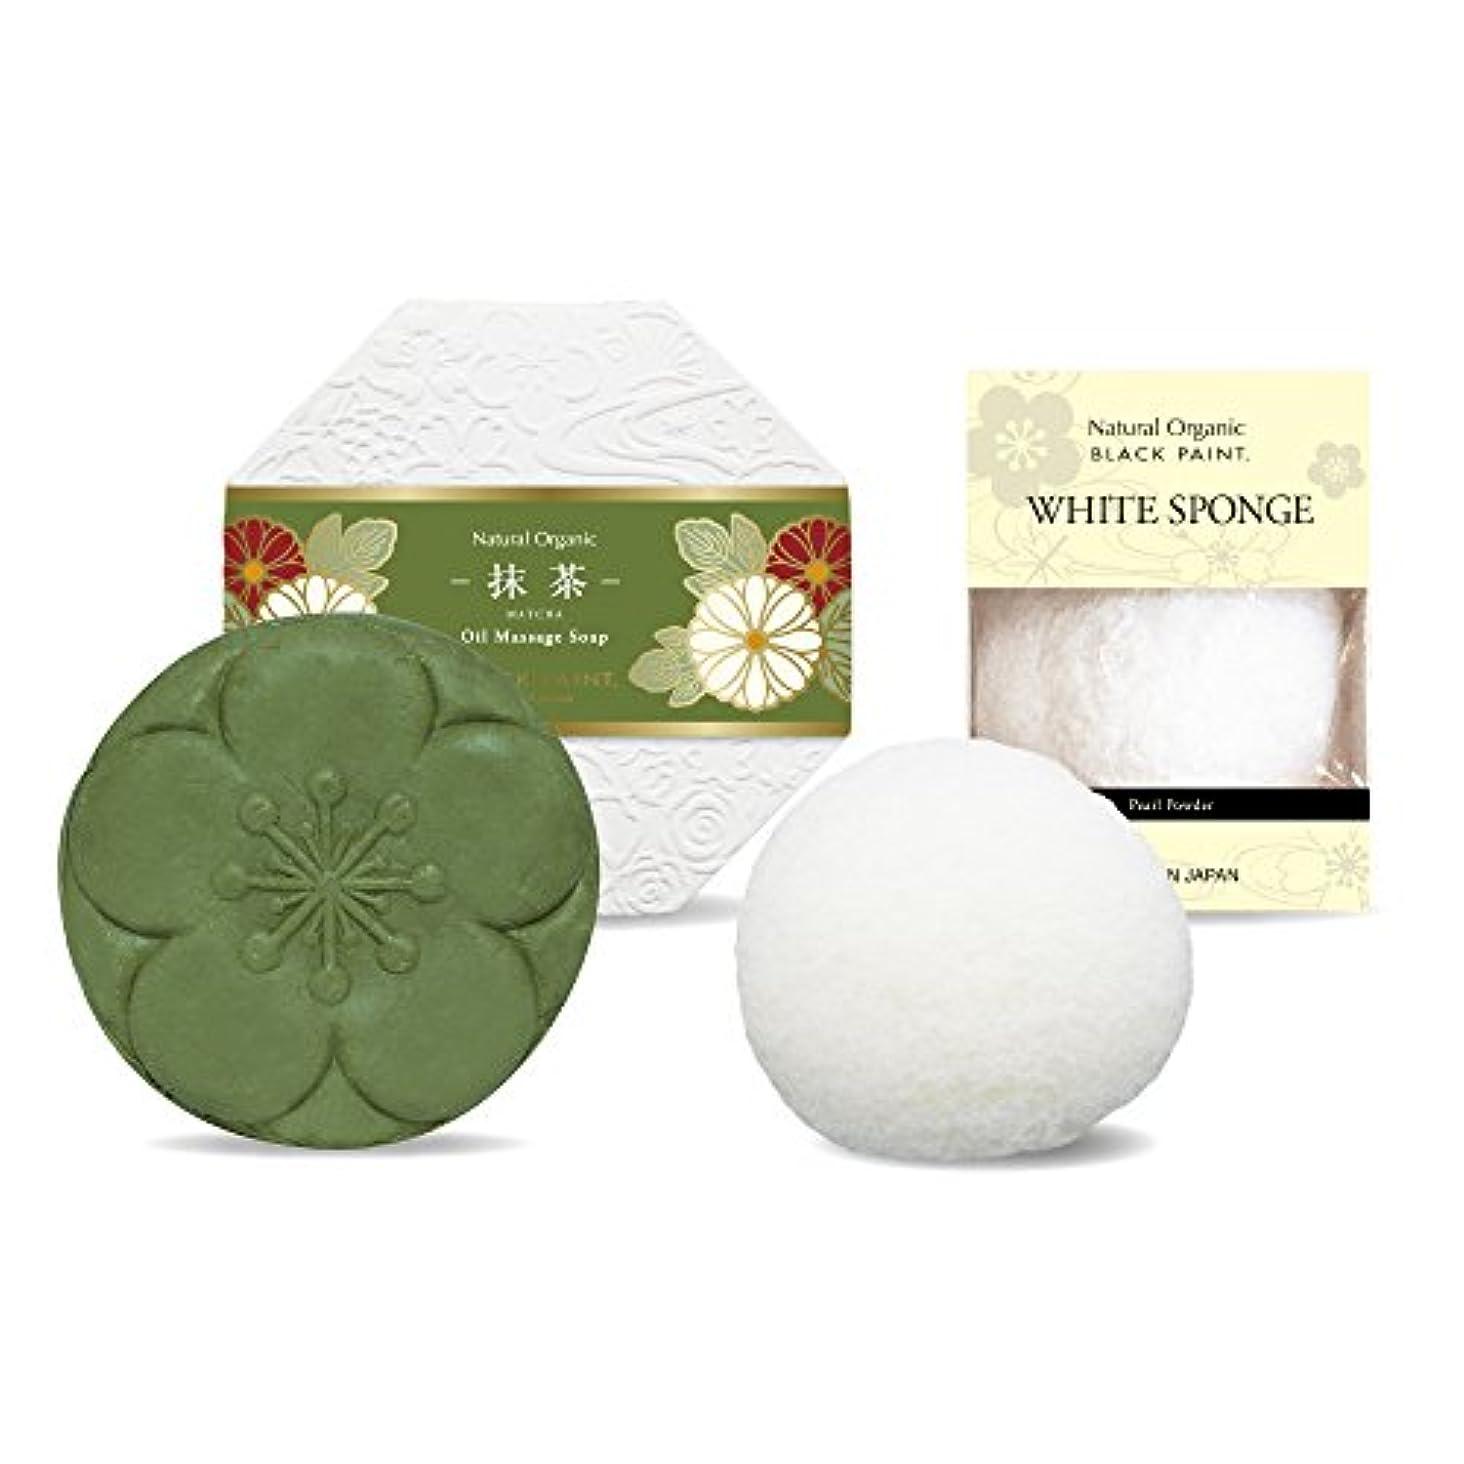 第社交的十分です京のお茶石鹸 抹茶120g&ホワイトスポンジ 洗顔セット